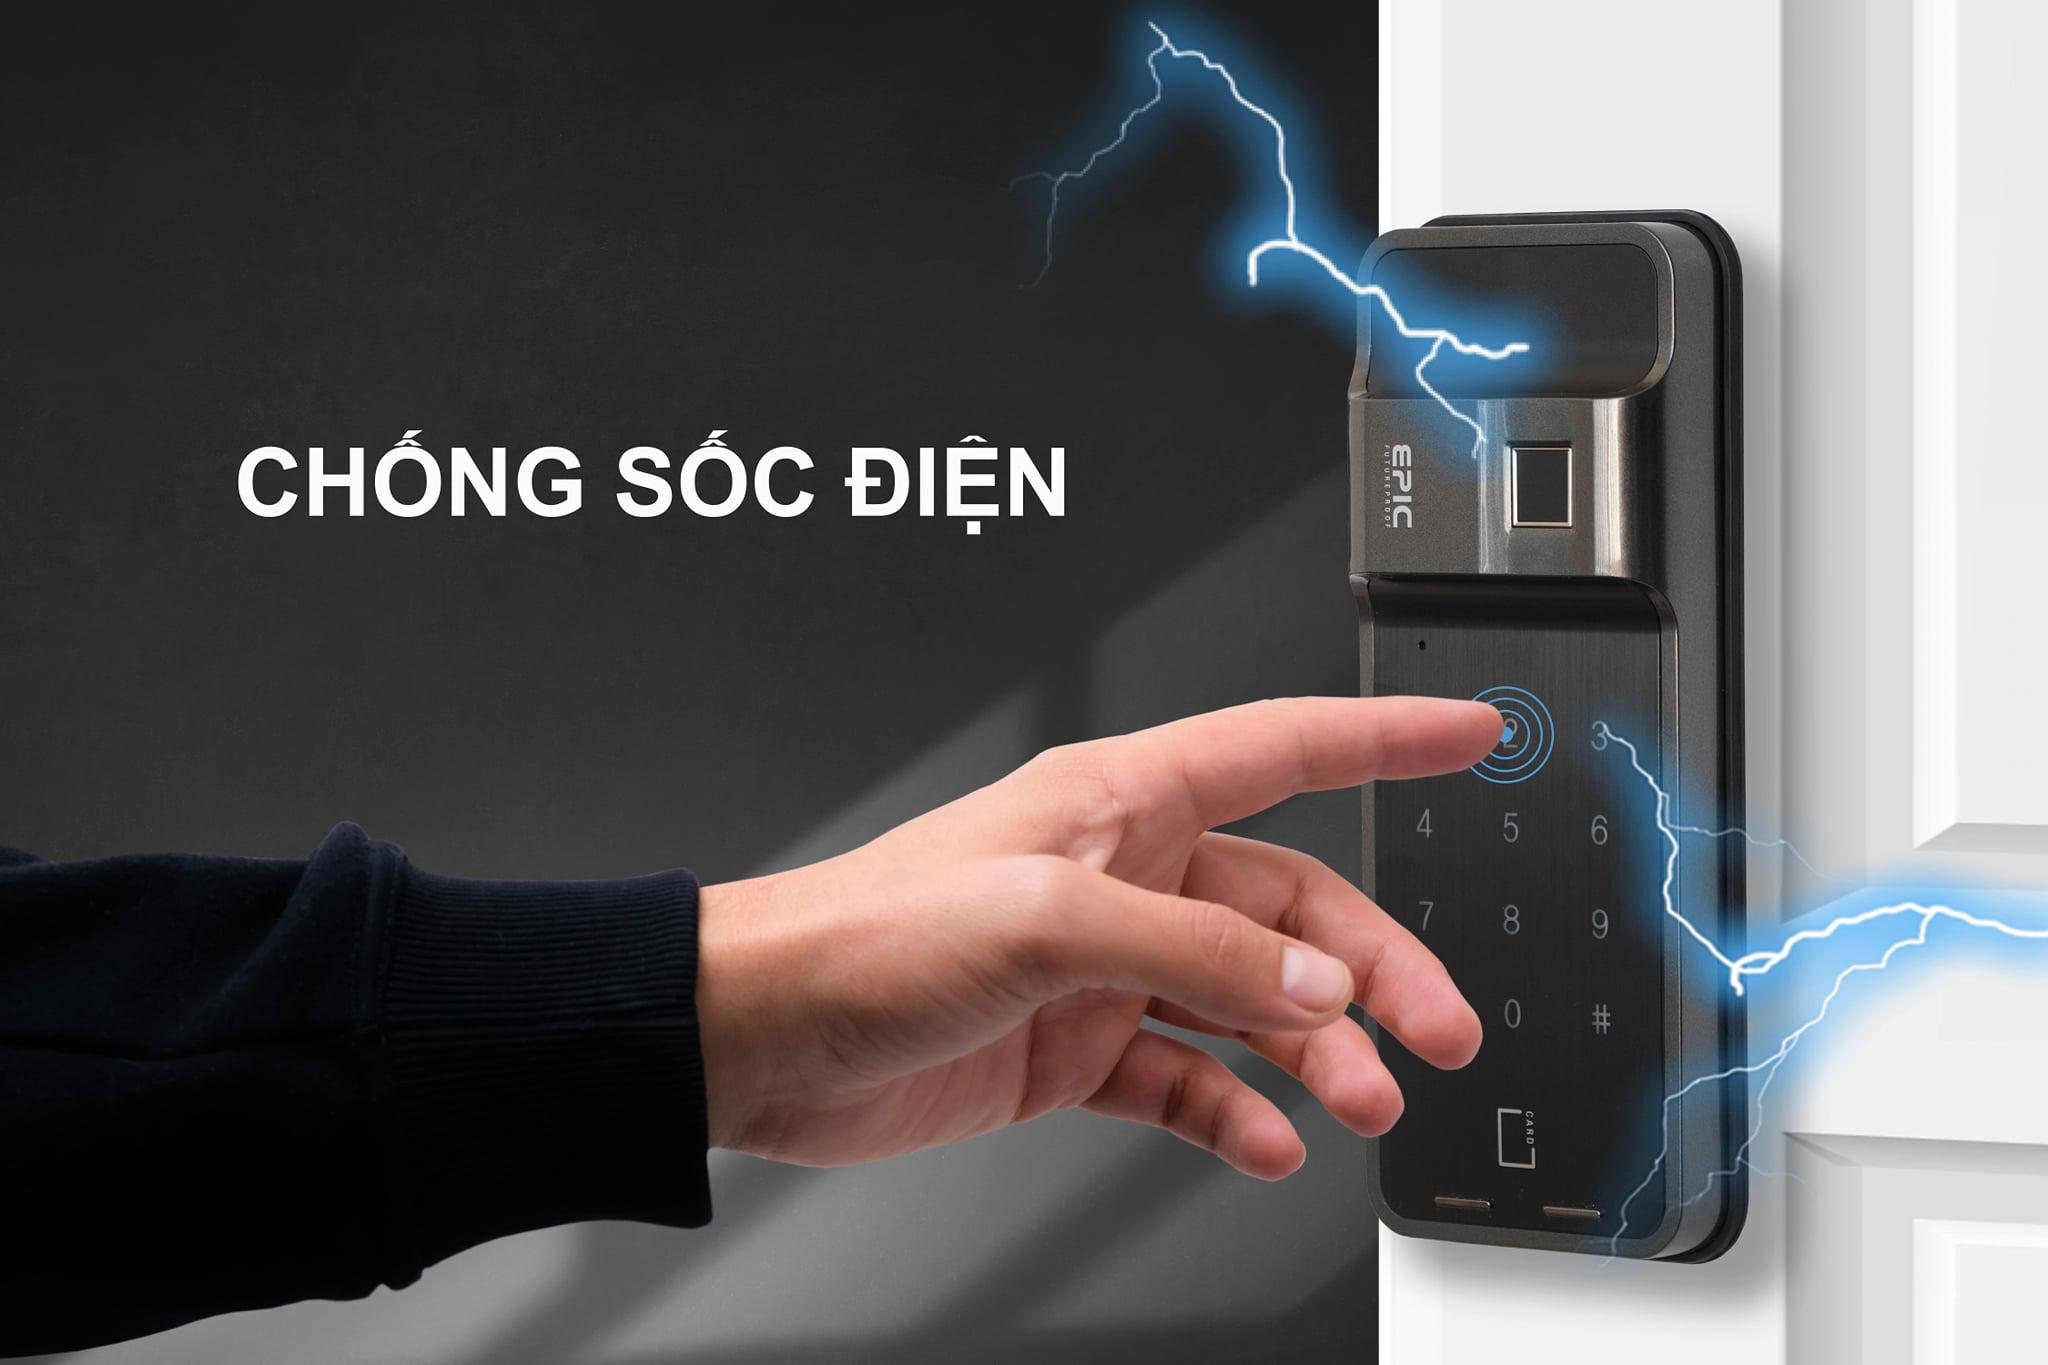 khoa-cua-dien-tu-epic-es-f500d